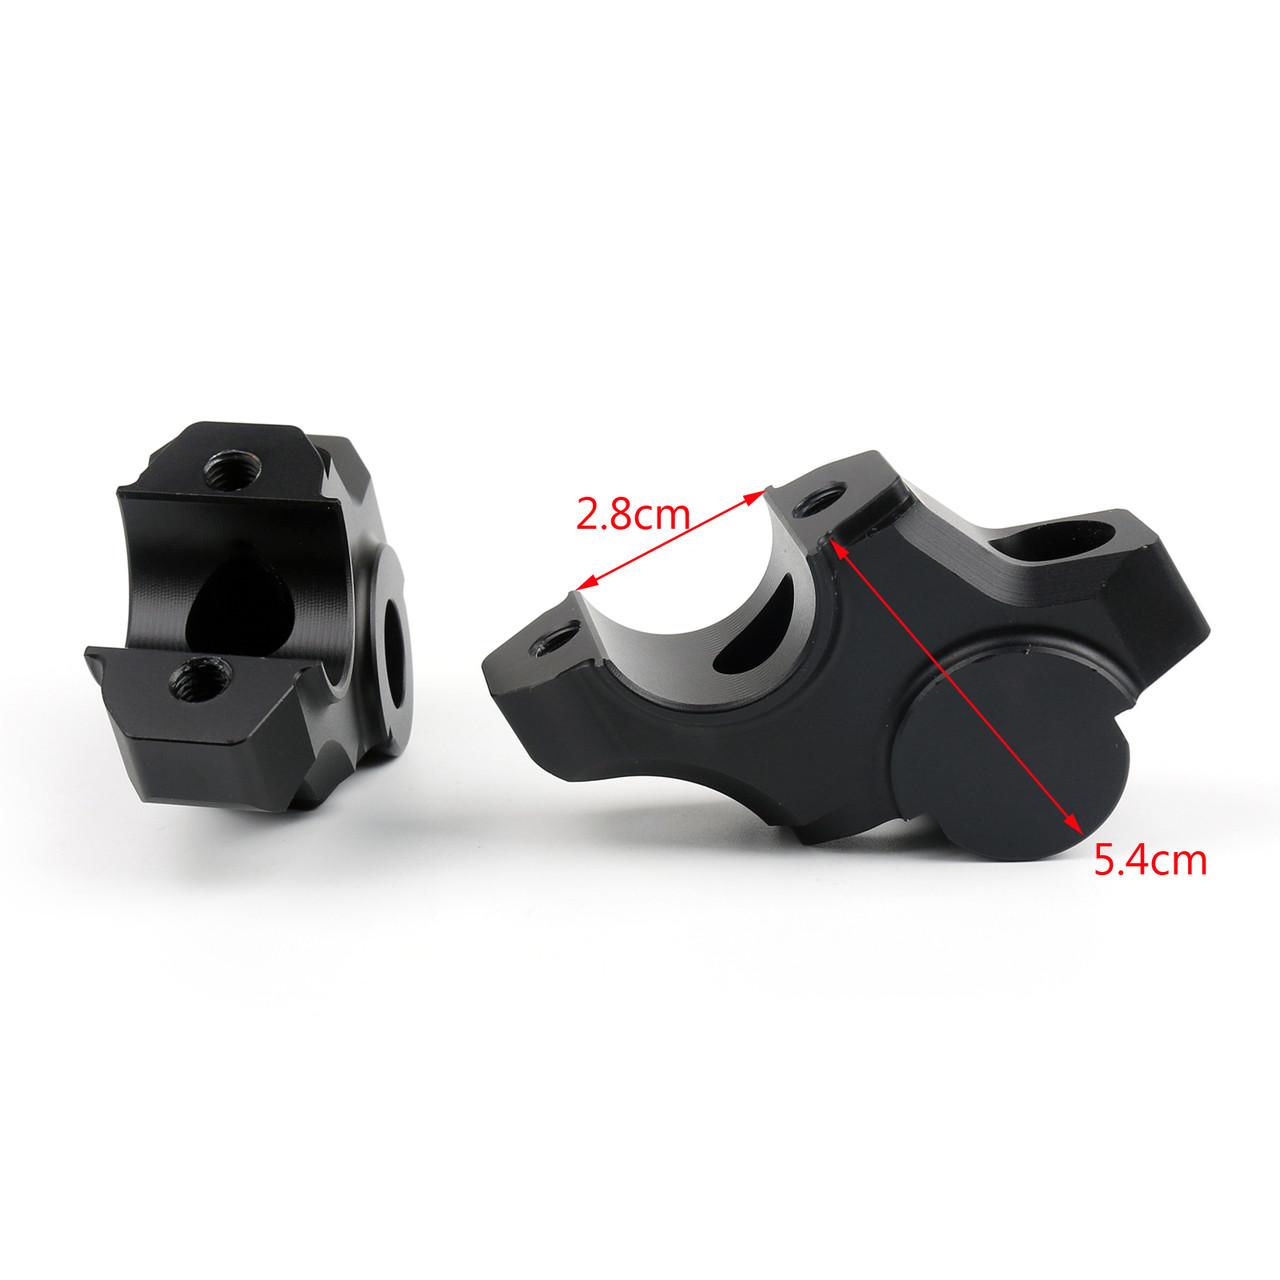 15mm Riser Handlebar Higher Extend Adapter Yamaha MT-09 FZ-09 XSR900, Black